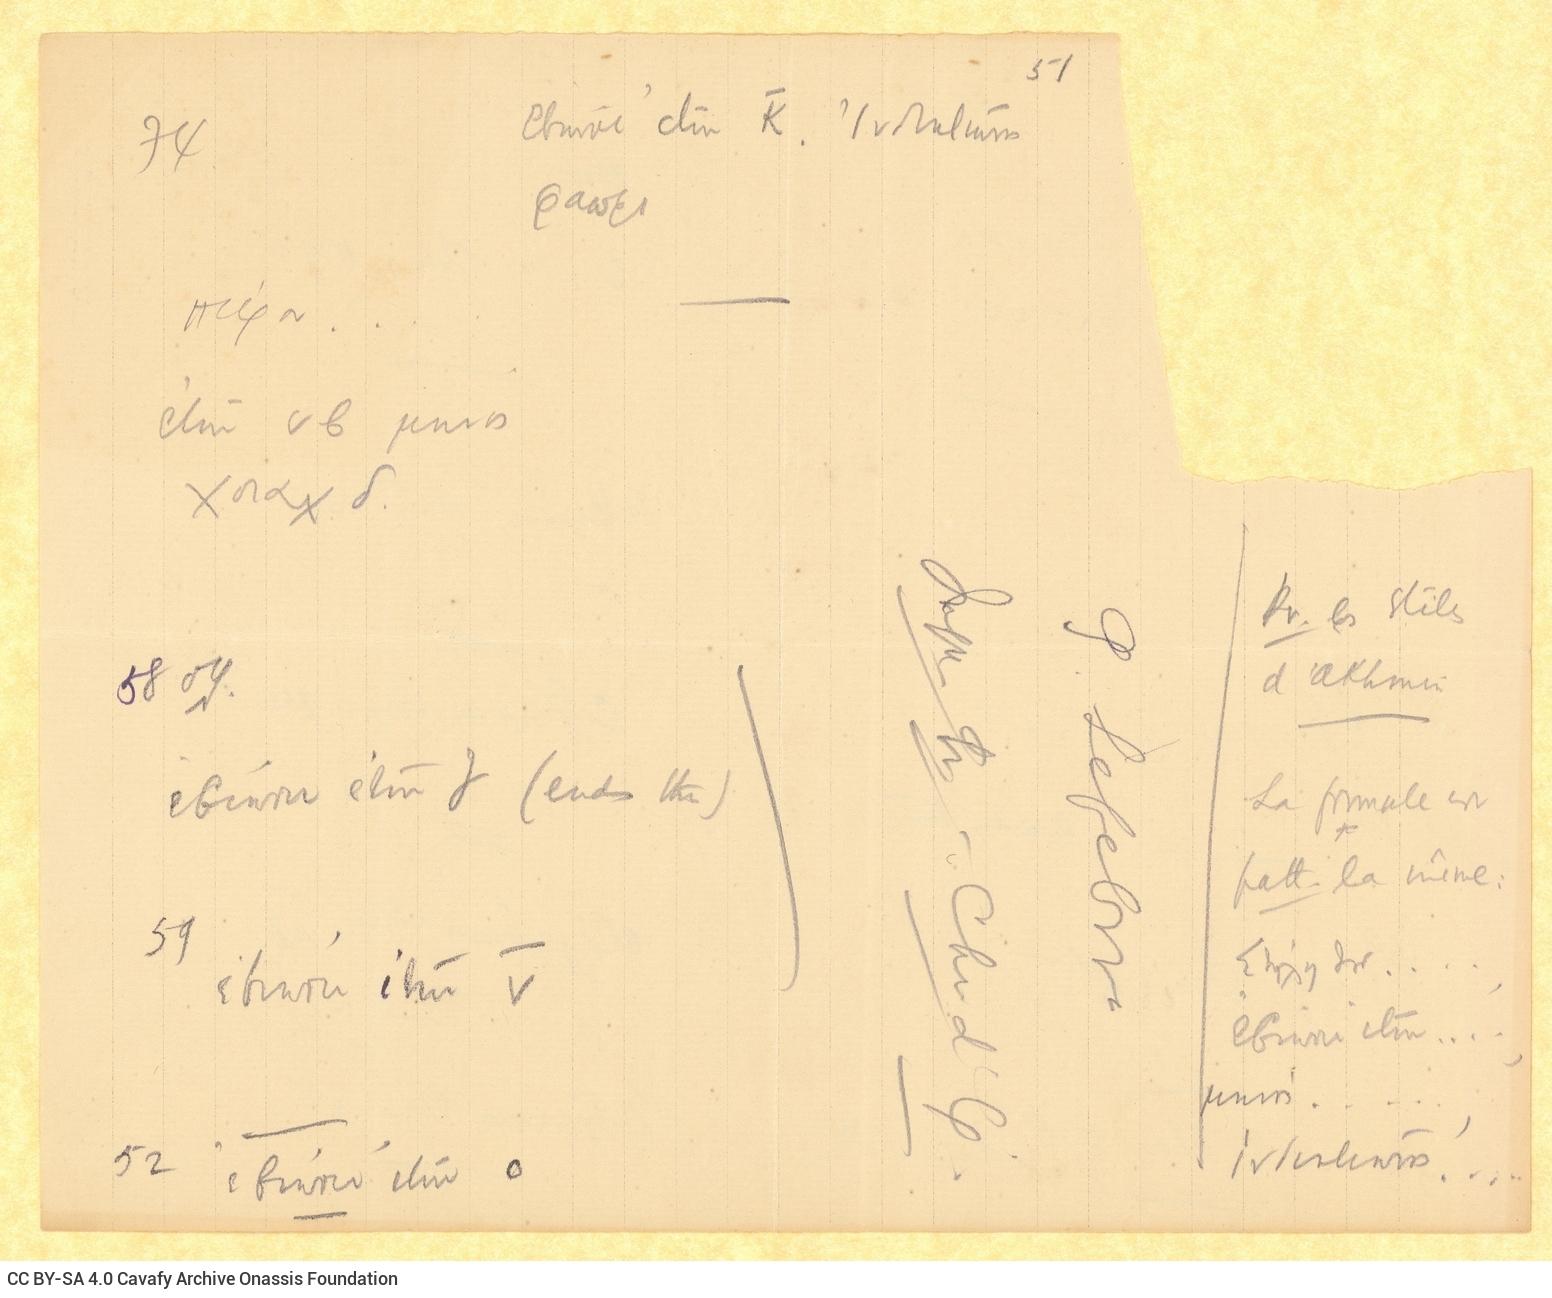 Χειρόγραφο ποίημα («Εν τω Μηνί Αθύρ») στην πρώτη σελίδα διαγραμμισμέ